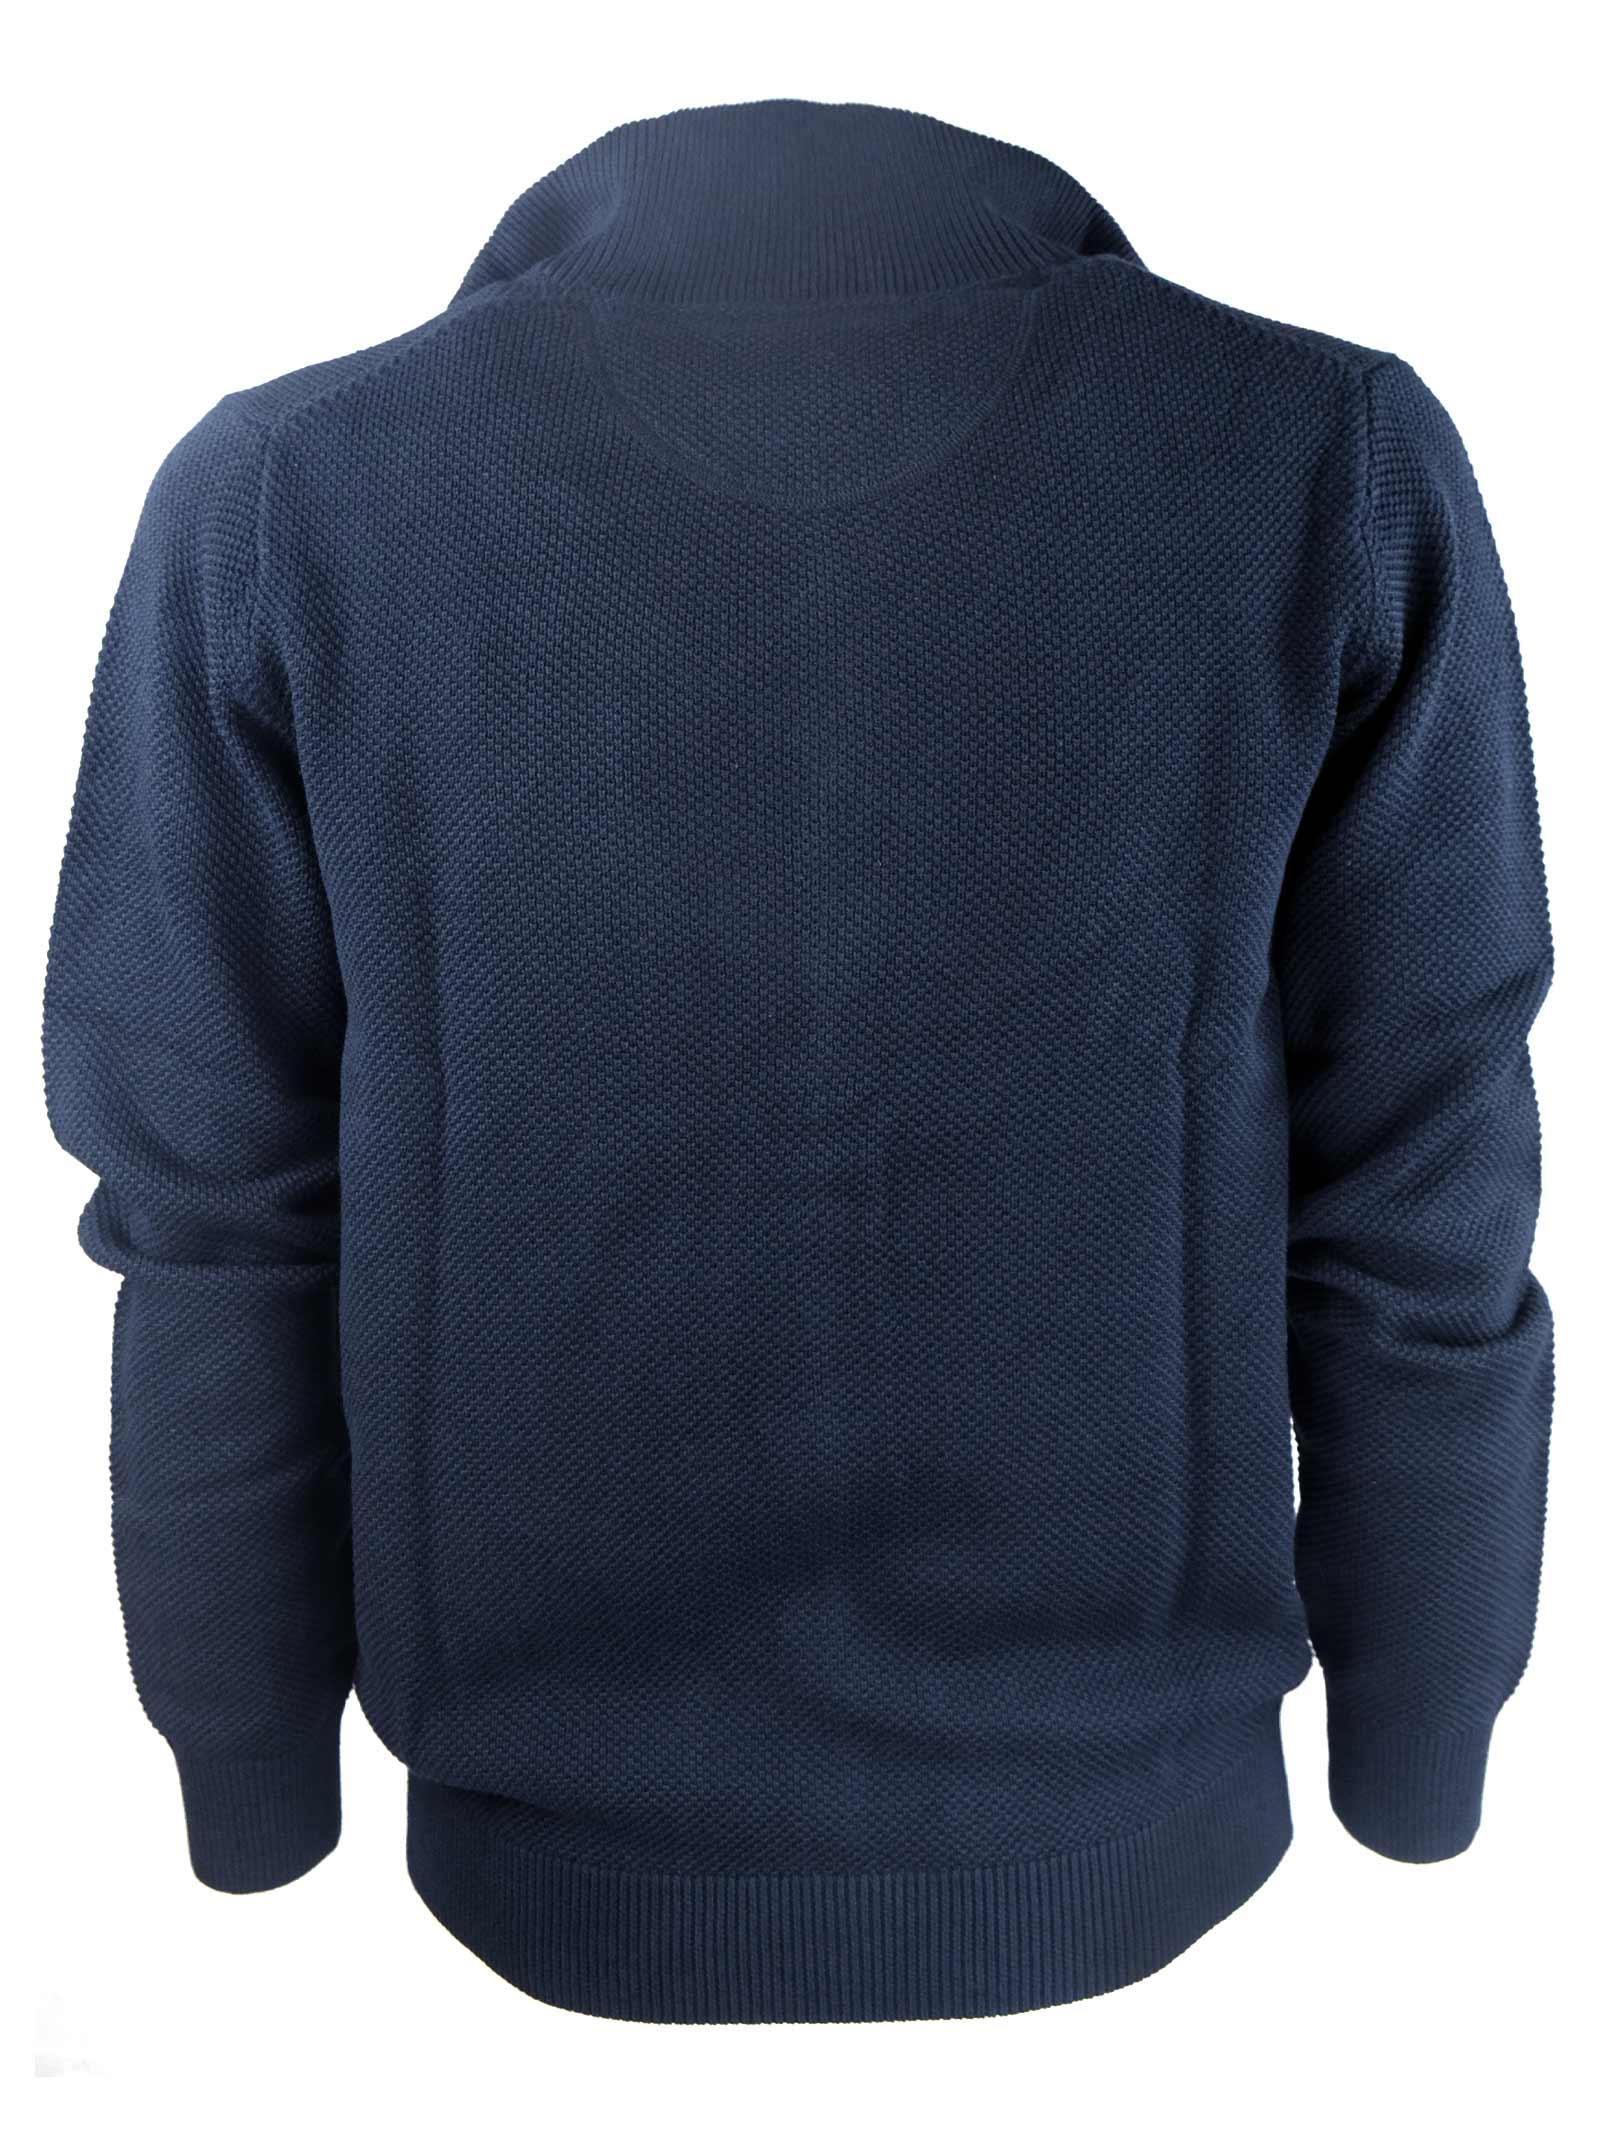 Full zip sweater GANT | Knitwear | 8030524433